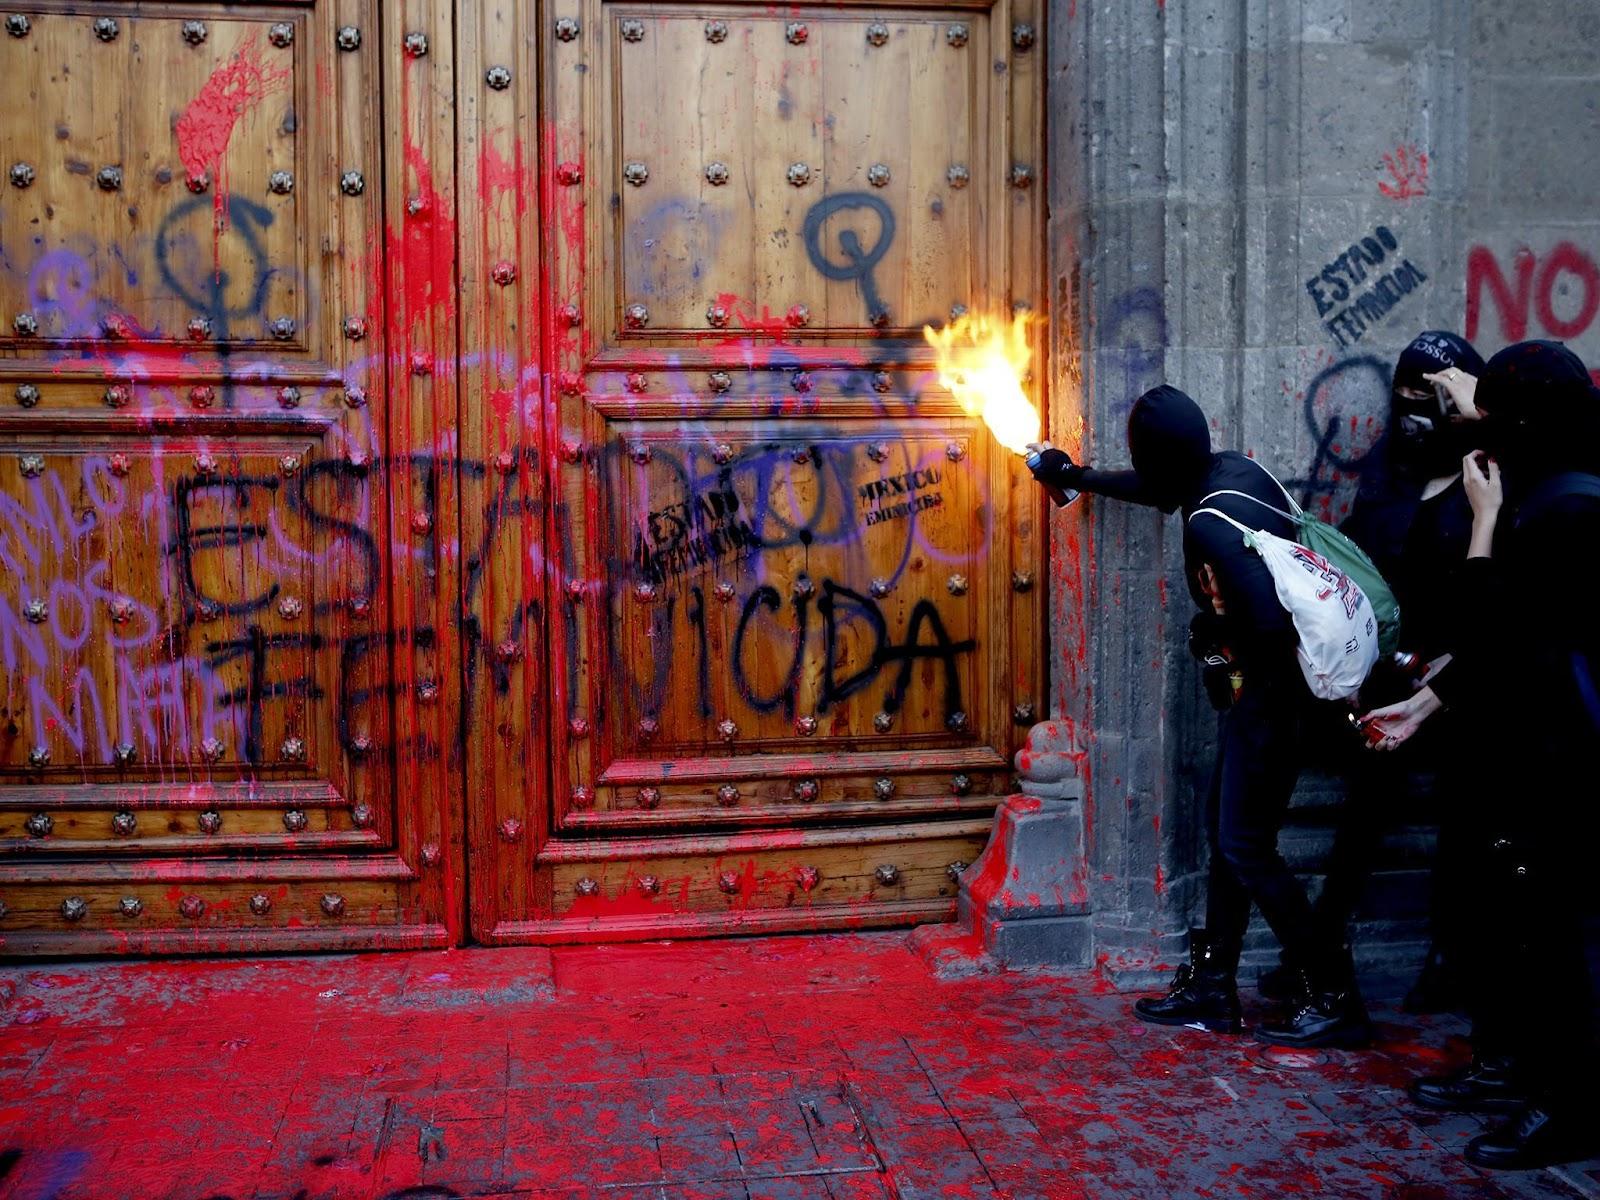 Bildergebnis für mexico women clashes